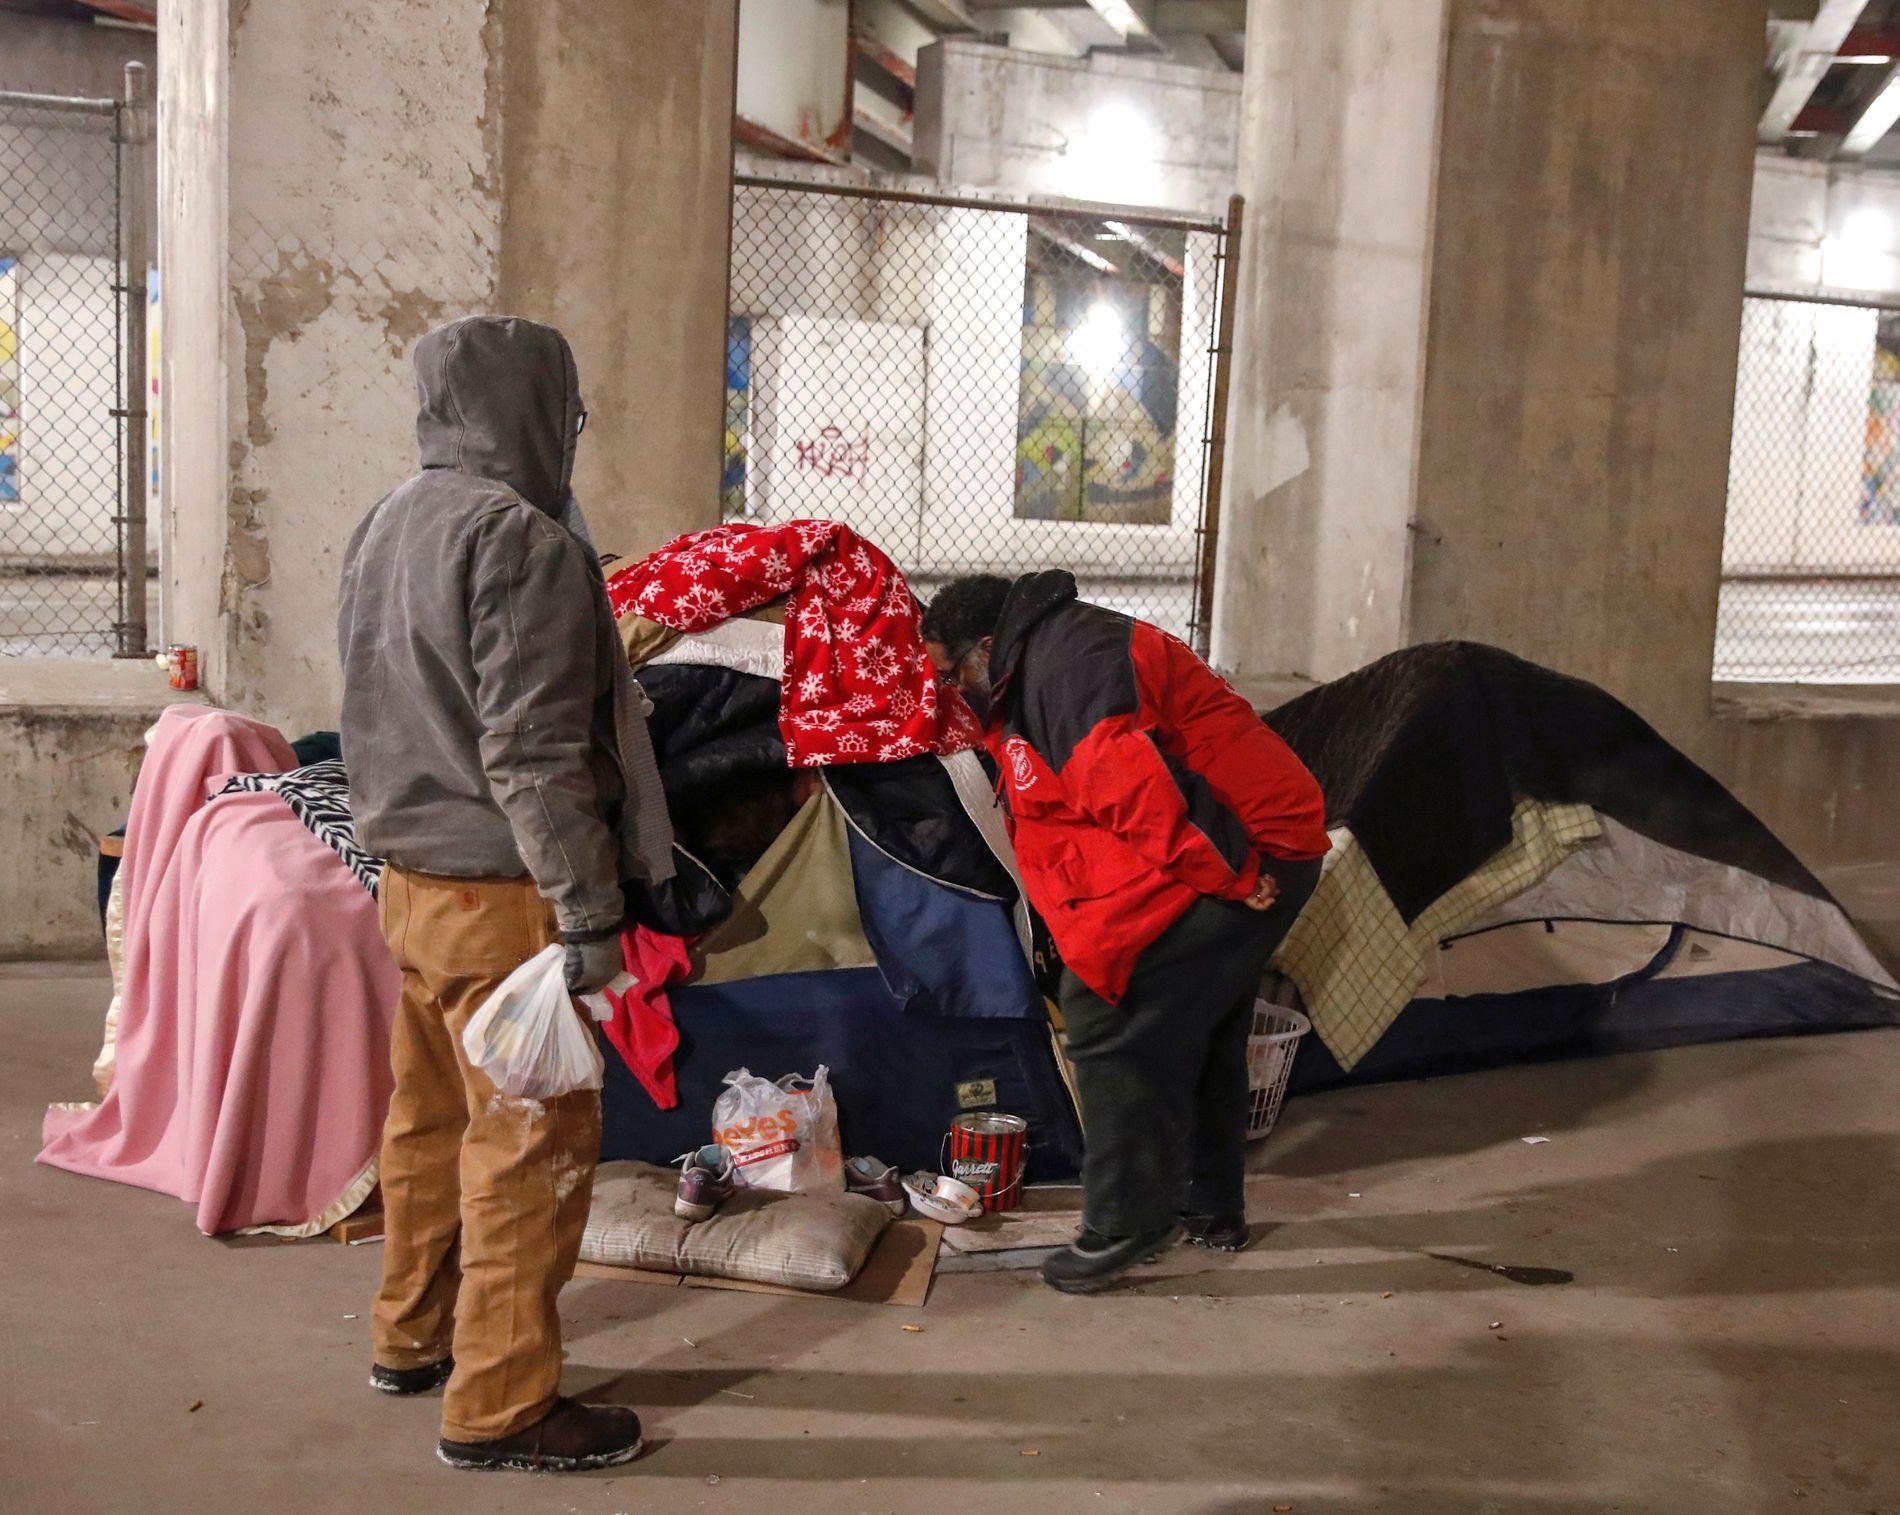 INSPISERER: Representanter fra Frelsesarmeen på besøk i et område der hjemløse i Chicago bor i telt.